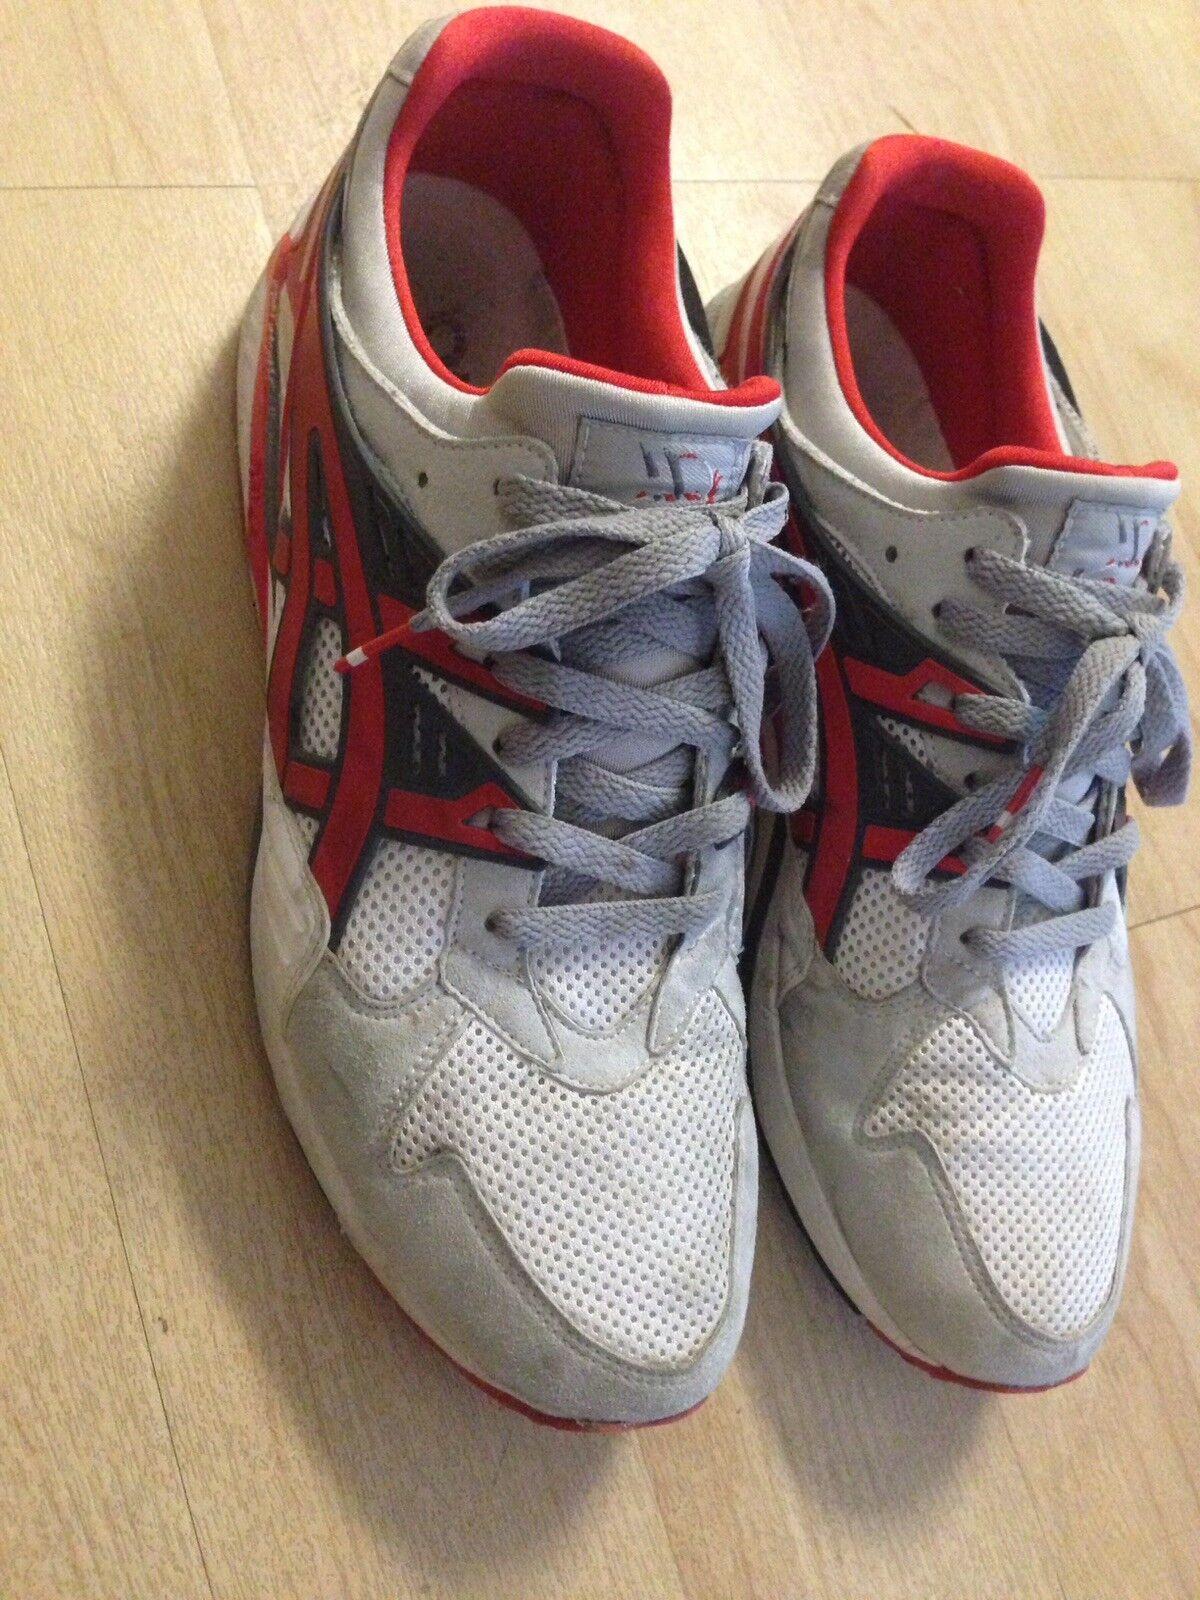 Asics Gel Kayano Trainer, Size 11.5 US Scarpe classiche da uomo